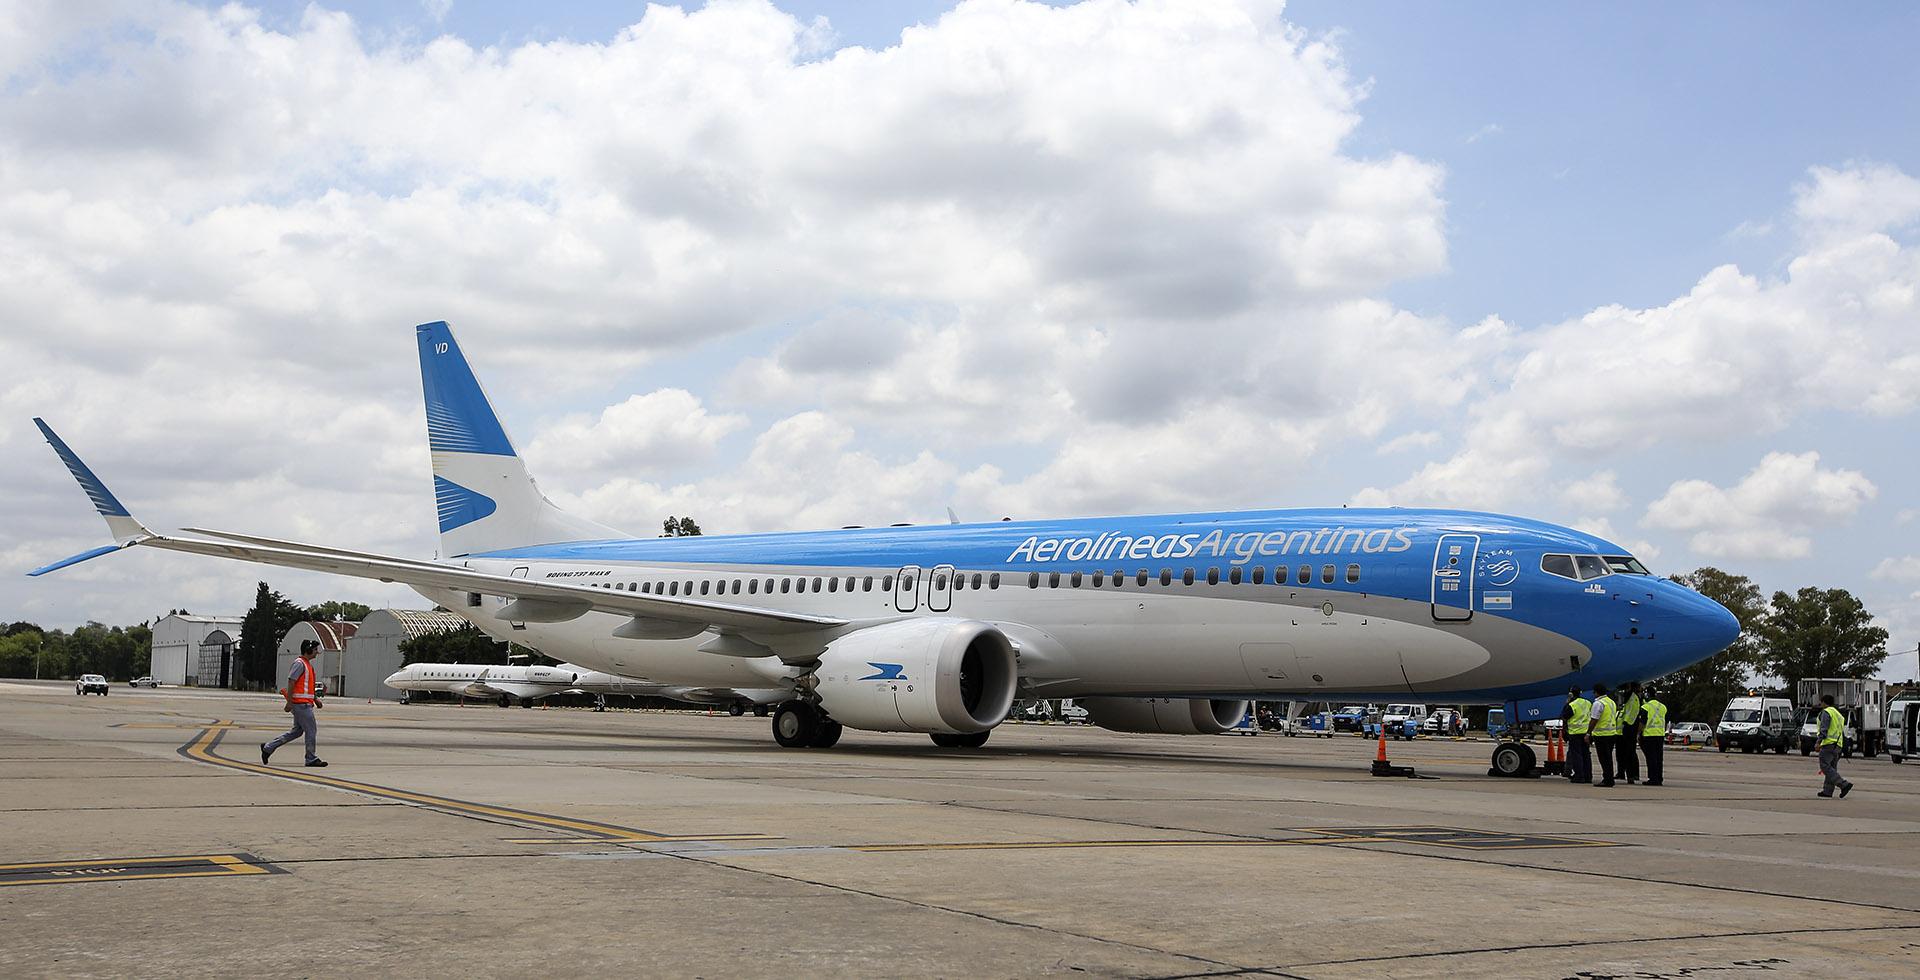 El avión tiene un largo de 39,5 metros y 12,3 metros de altura, con un formato más aerodinámico en su winglet que permite un 14% de ahorro de combustible